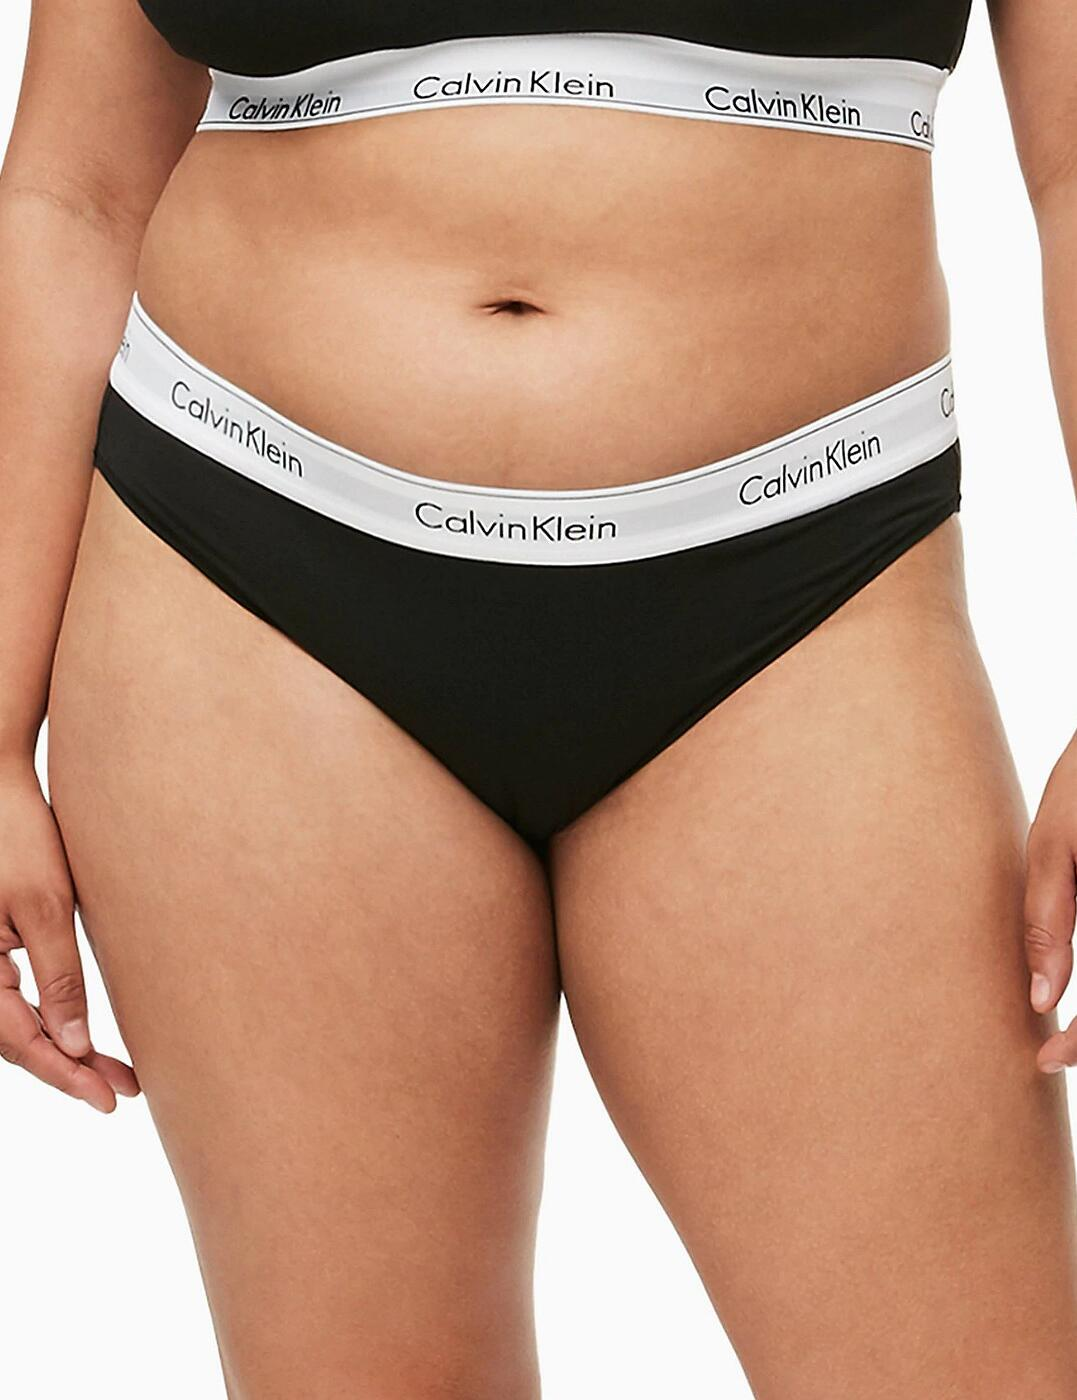 QF5644E Calvin Klein Modern Cotton Plus Bikini Brief Style - QF5644E Black